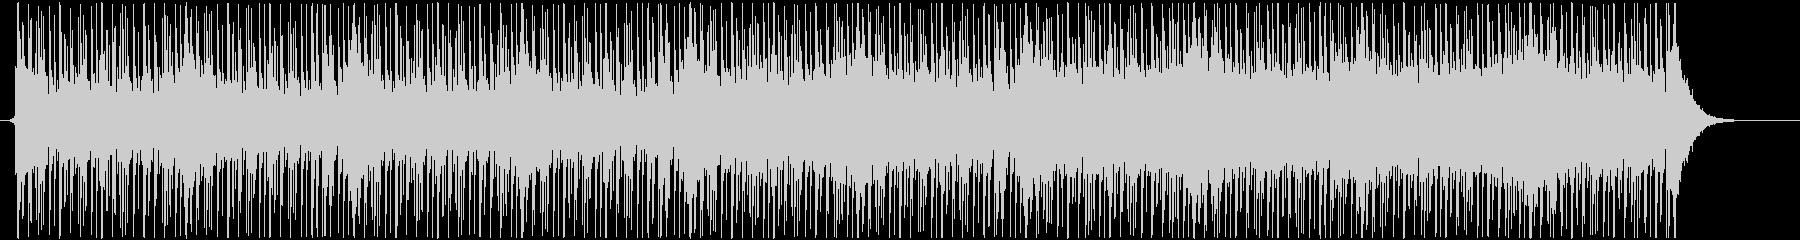 三味線のリフと4つ打ちの和風ダンス曲の未再生の波形